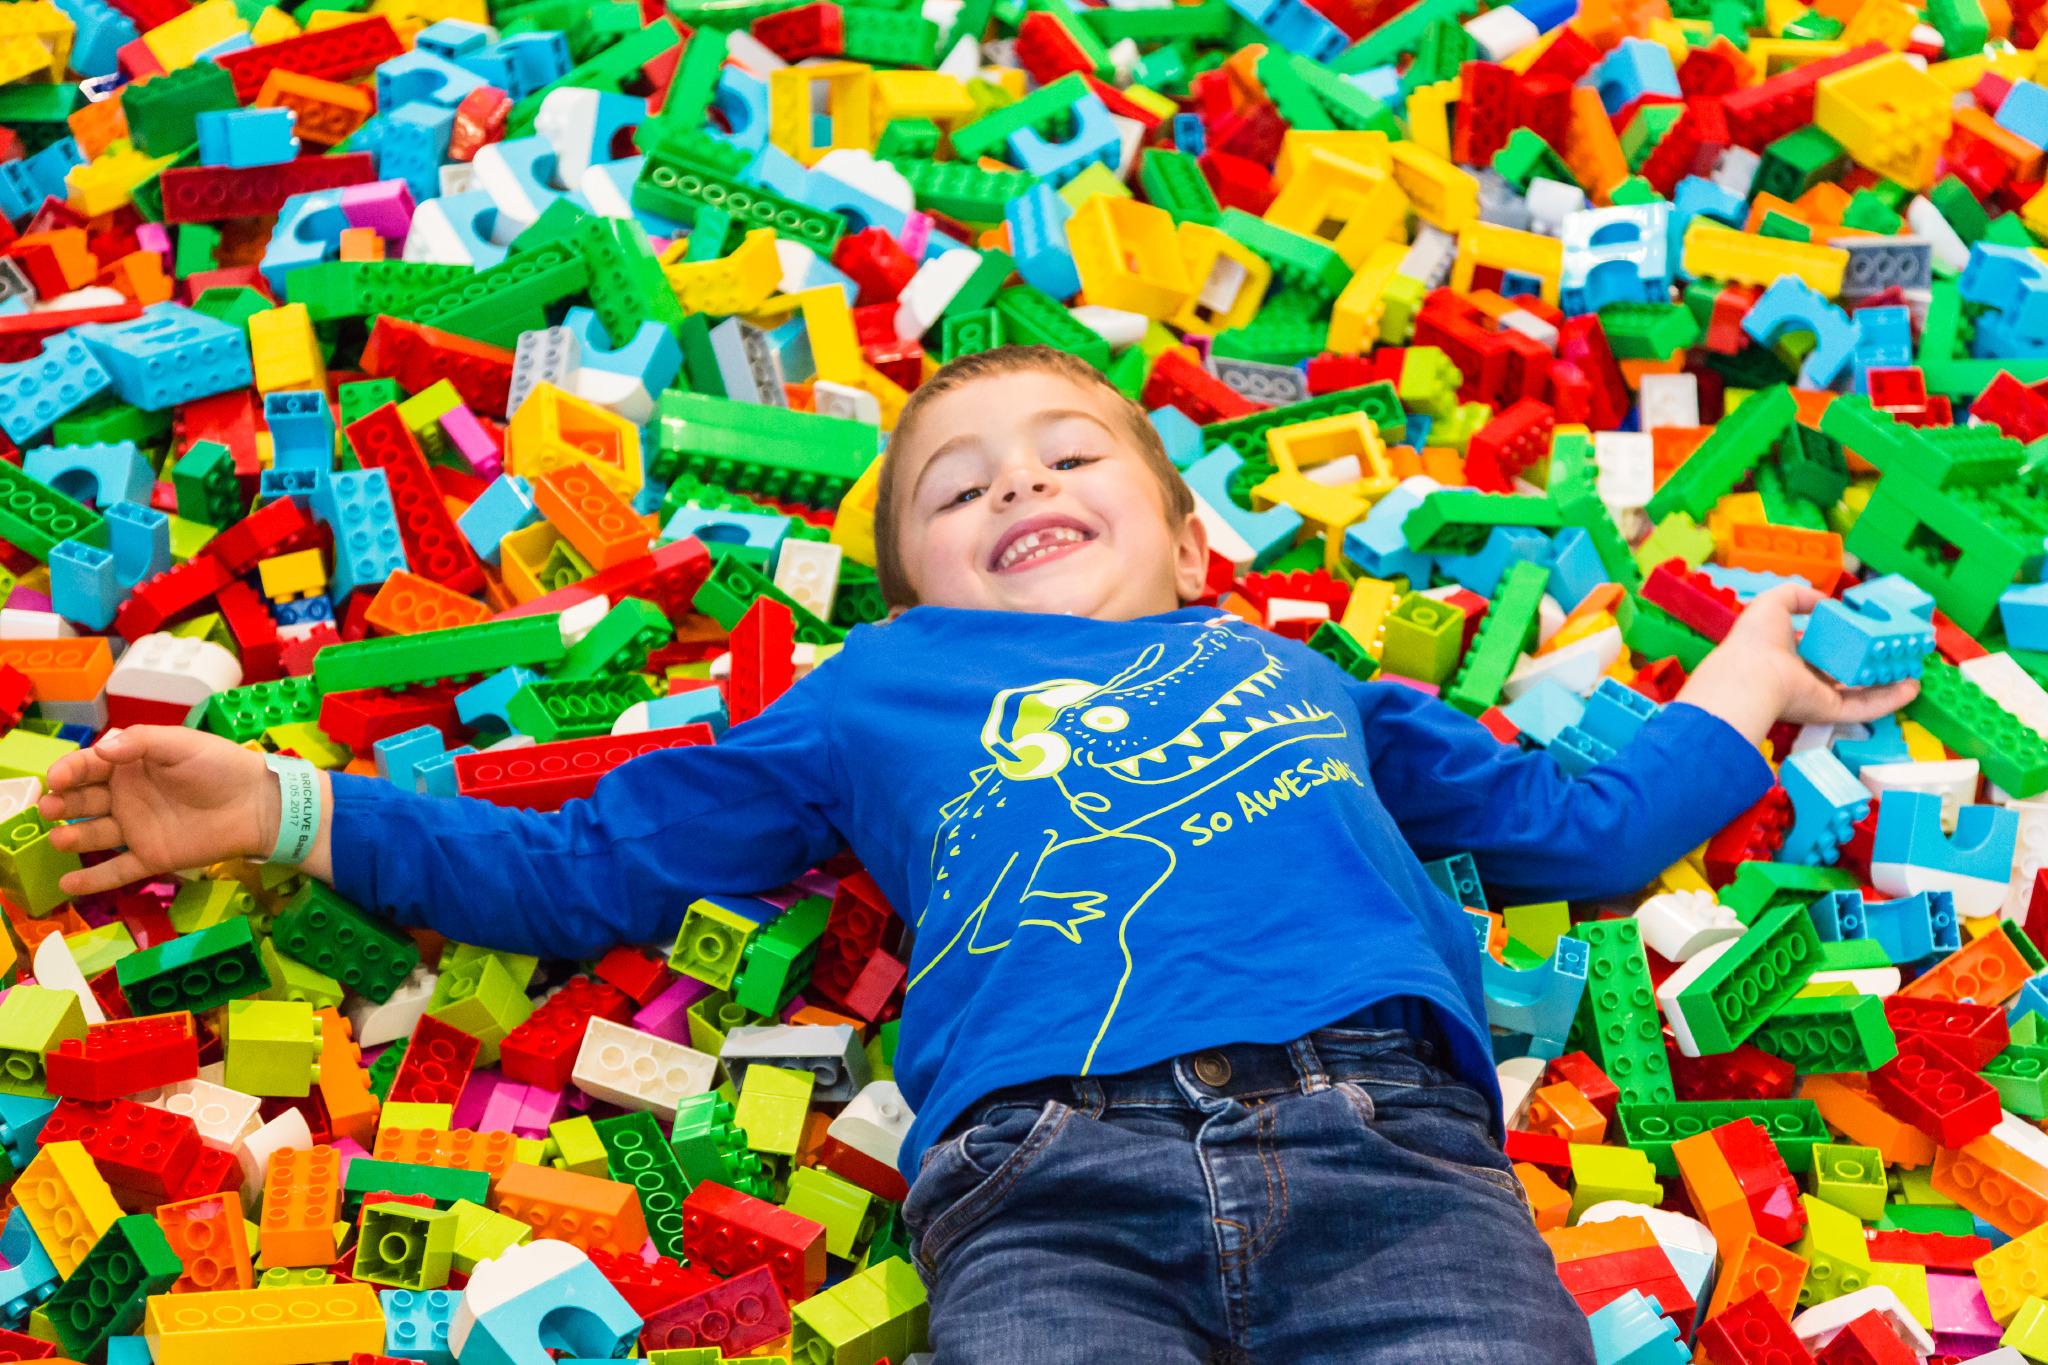 Quem Ama Lego | Bricklive No Shopping Iguatemi Campinas